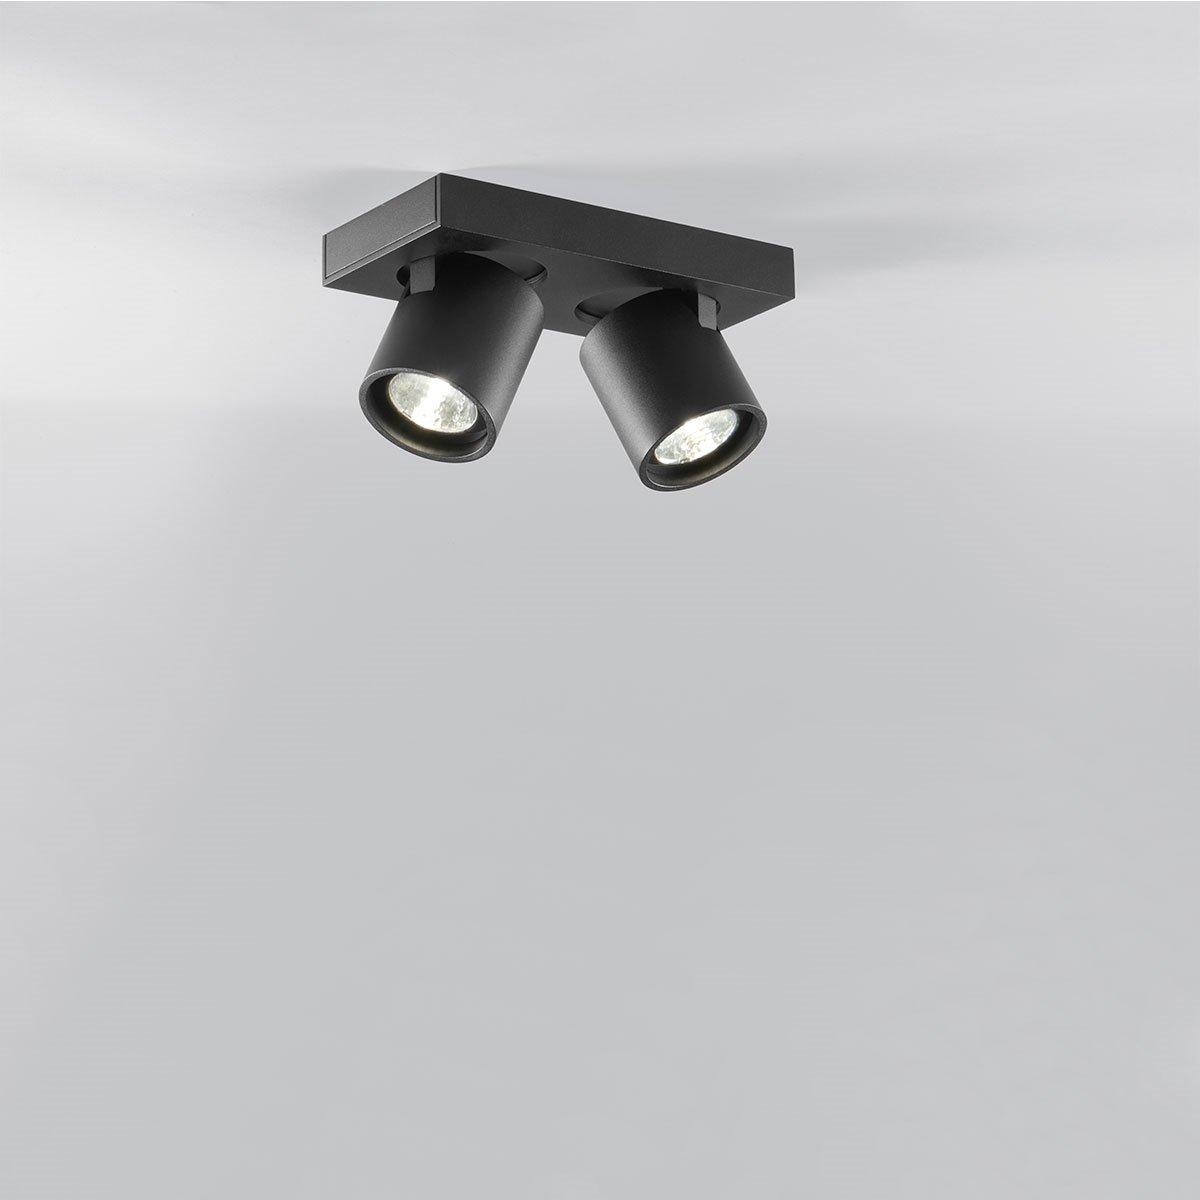 Focus Mini taklampe fra Light-Point